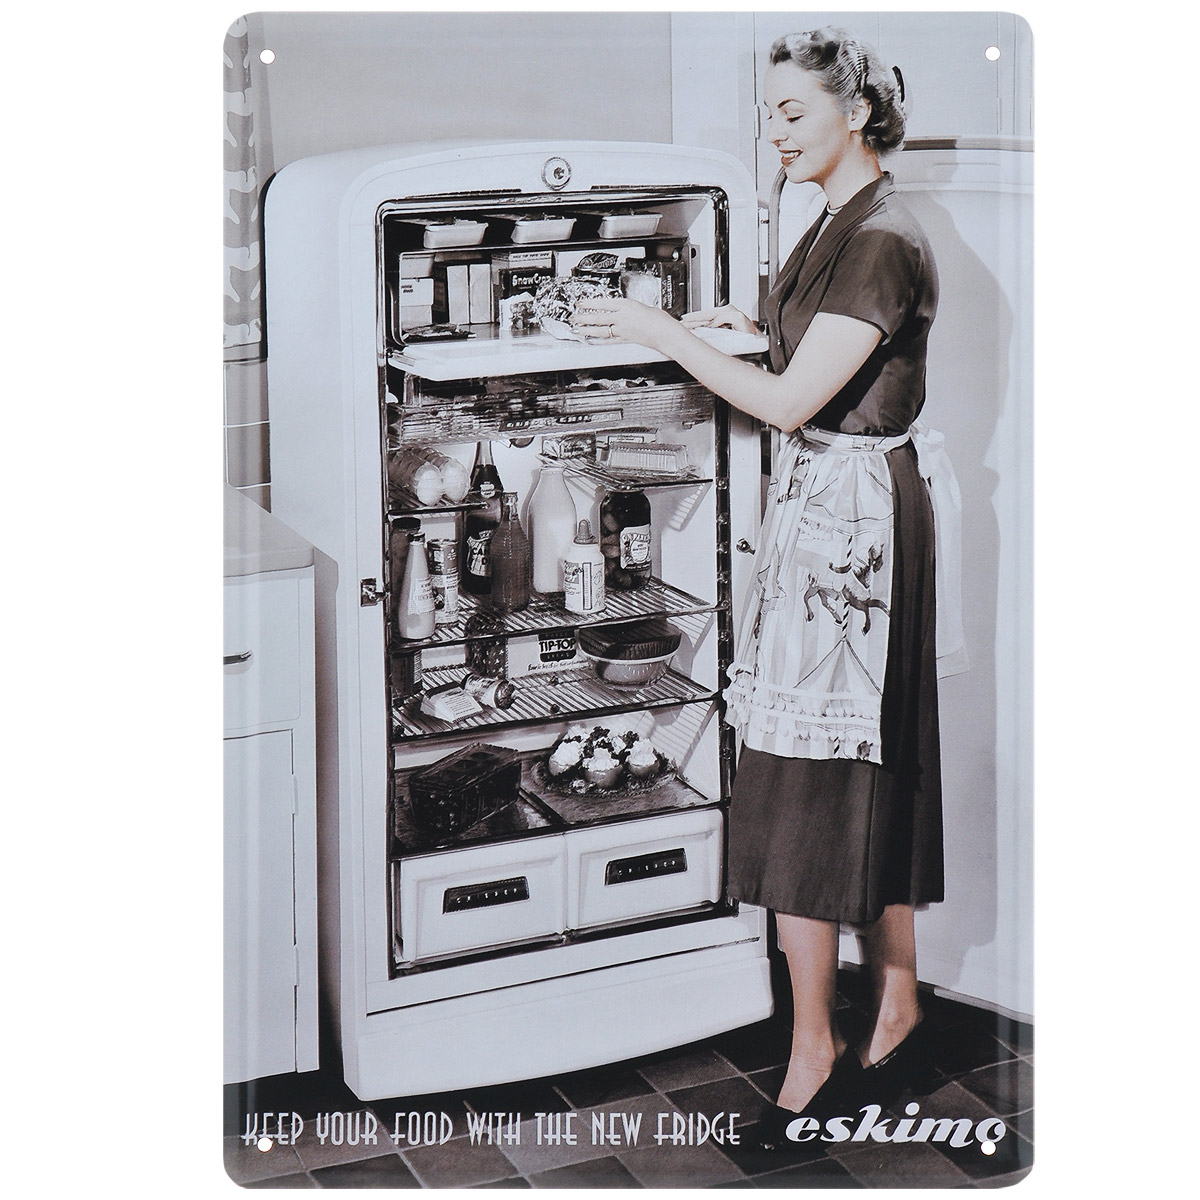 Постер Феникс-презент Холодильник, 20 х 30 см37433Постер Феникс-презент Холодильник выполнен из черного металла. На постере изображена девушка у открытого холодильника. Постер заинтересует всех любителей оригинальных вещиц и доставит массу положительных эмоций своему обладателю.Картина для интерьера (постер) - современное и актуальное направление в дизайне любых помещений.Постер может использоваться для оформления любых интерьеров:- дом, квартира (гостиная, спальня, кухня); - офис (комната переговоров, холл, кабинет); - бар, кафе, ресторан или гостиница. Из мелочей складывается стиль интерьера. Постер Феникс-презент Холодильник одна из тех деталей, которые придают интерьеру обжитой вид и создают ощущение уюта.